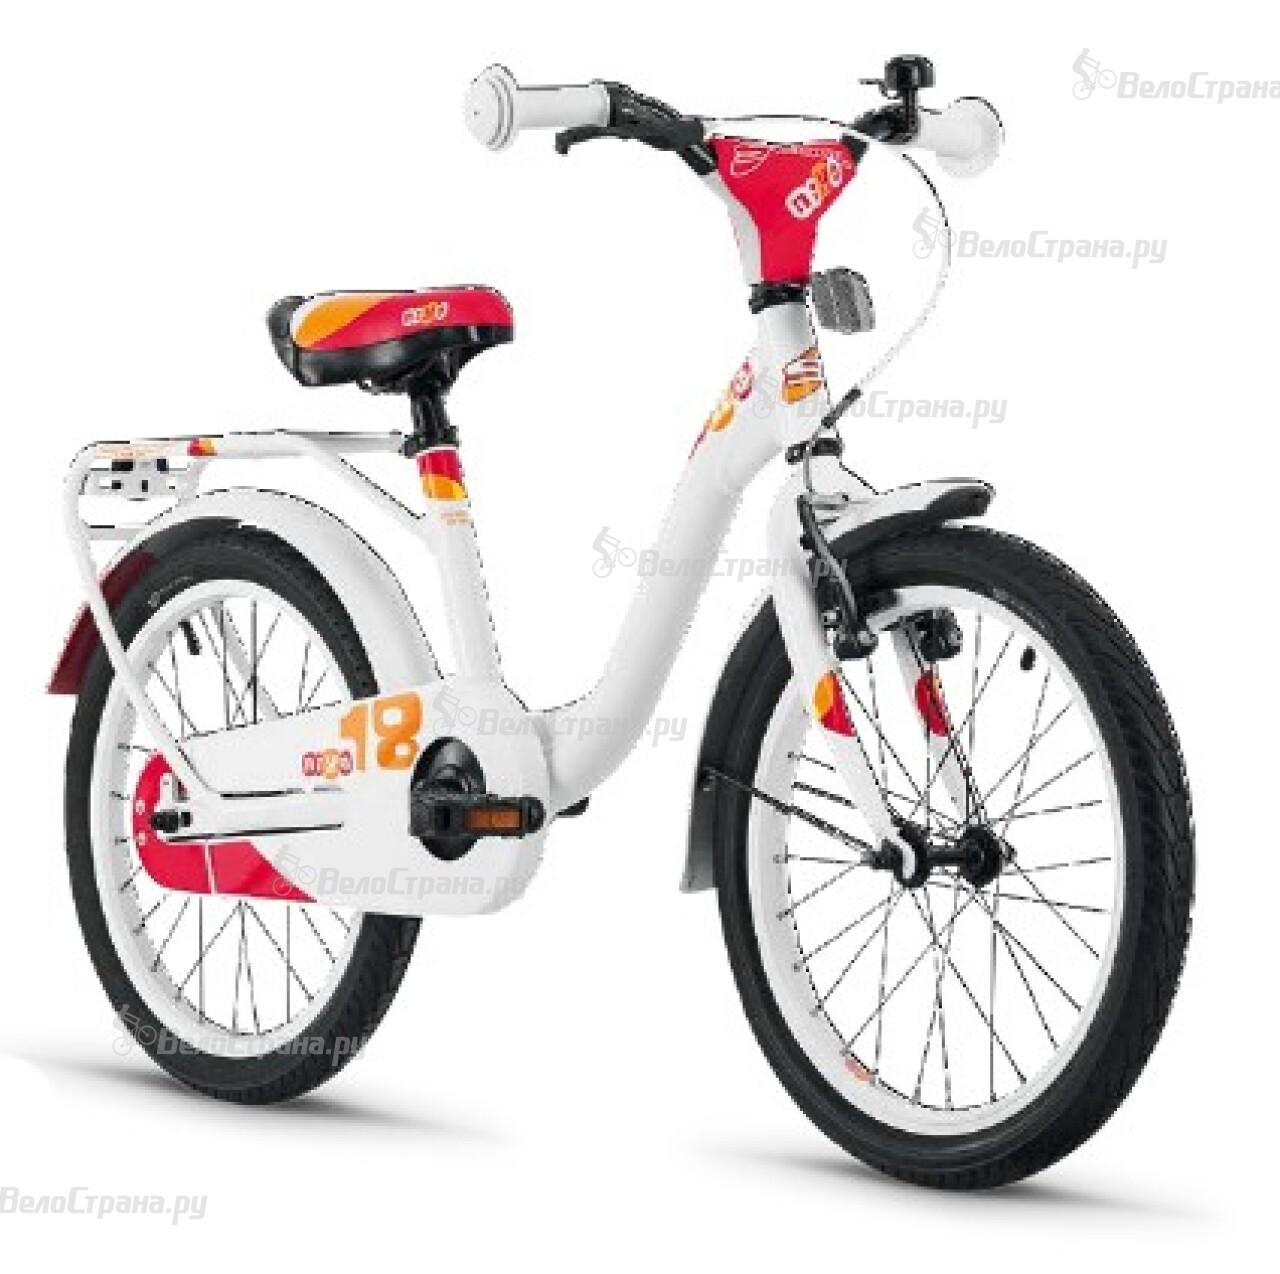 Велосипед Scool NiXe 18 (2014) туфли 73c 18 2014